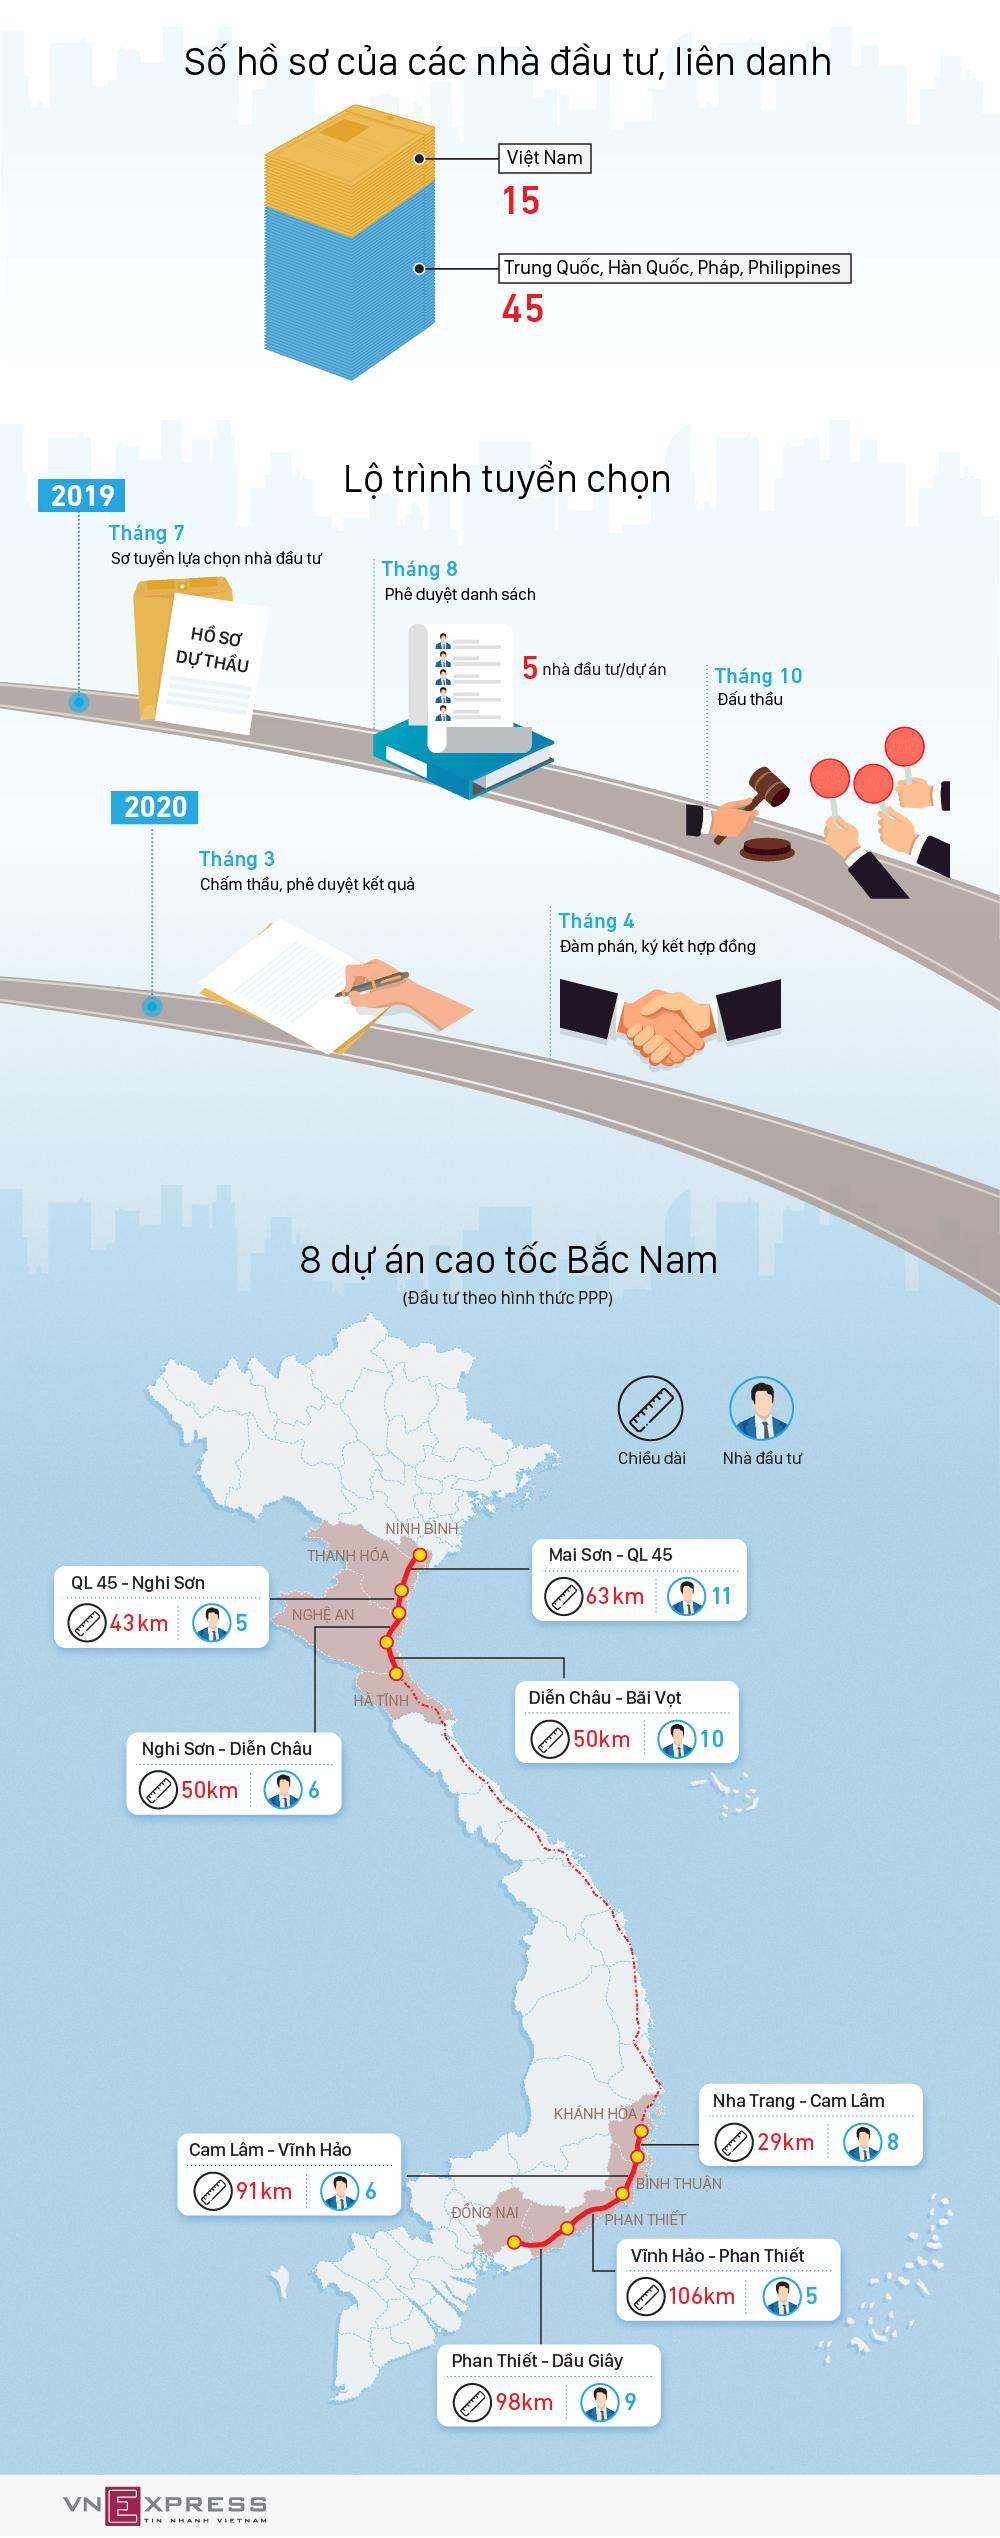 8 dự án cao tốc Bắc Nam sắp được đấu thầu quốc tế